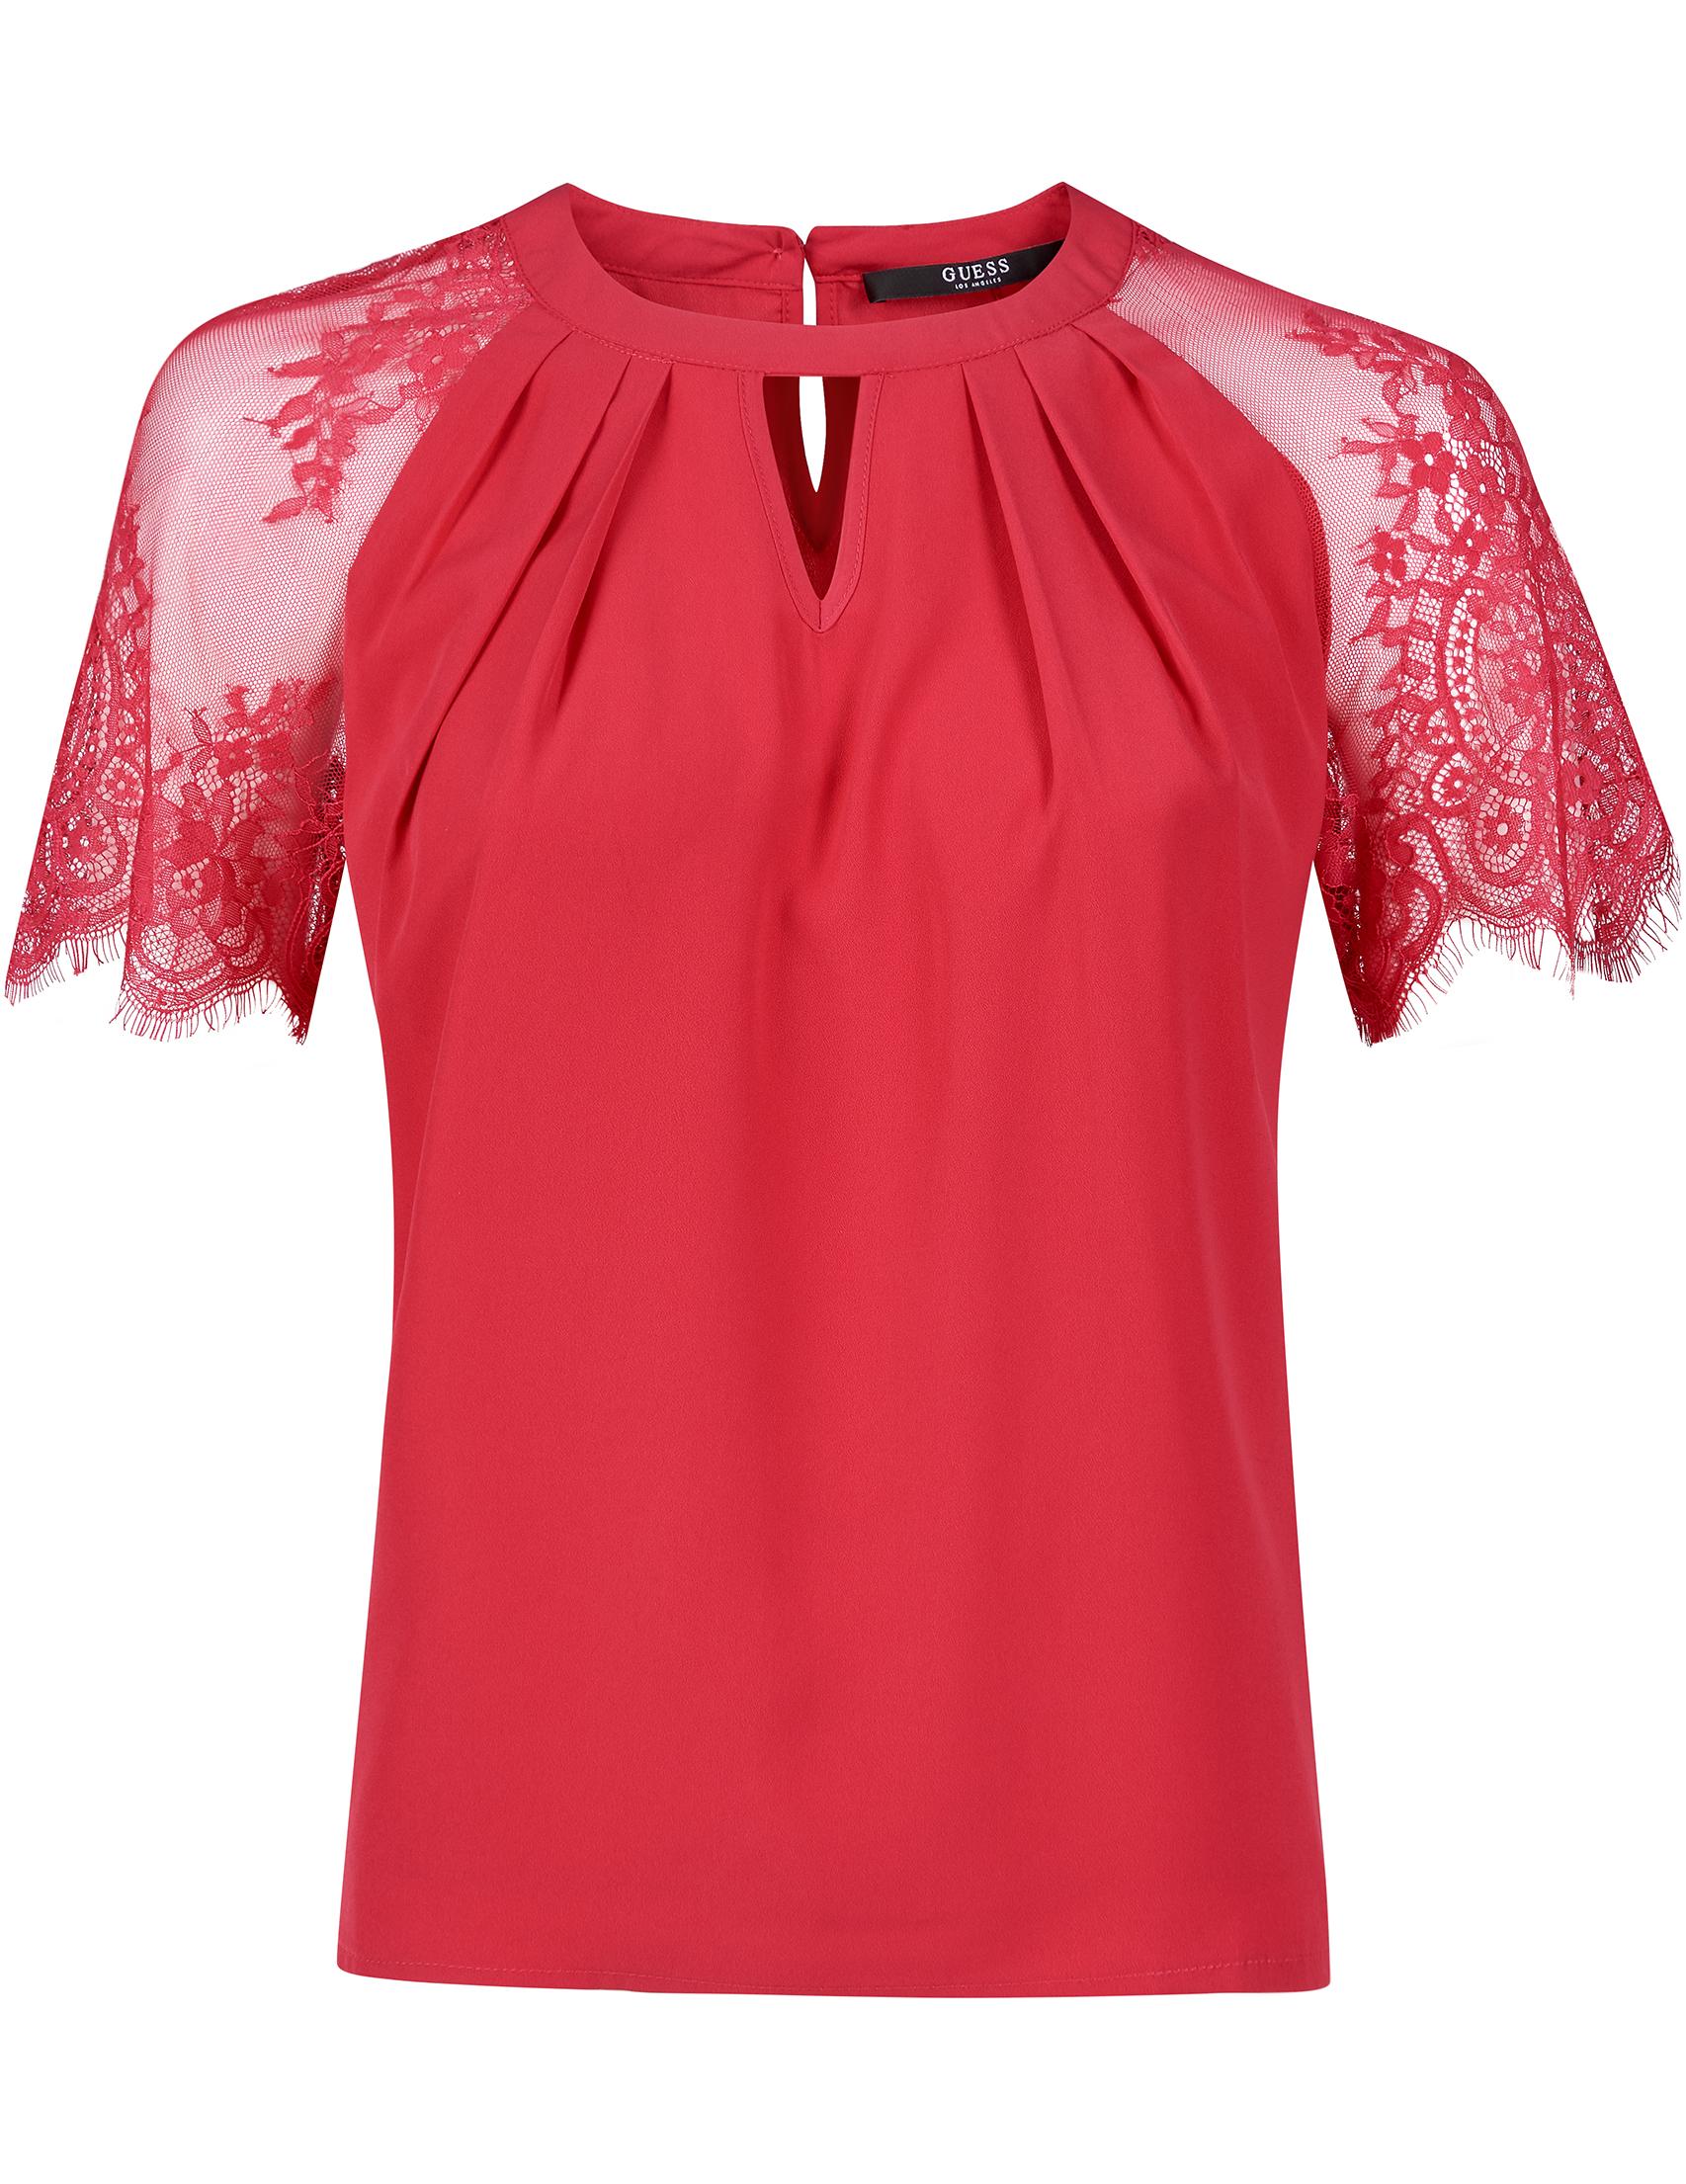 Купить Блузы, Блуза, GUESS, Красный, 100%Полиэстер, Весна-Лето